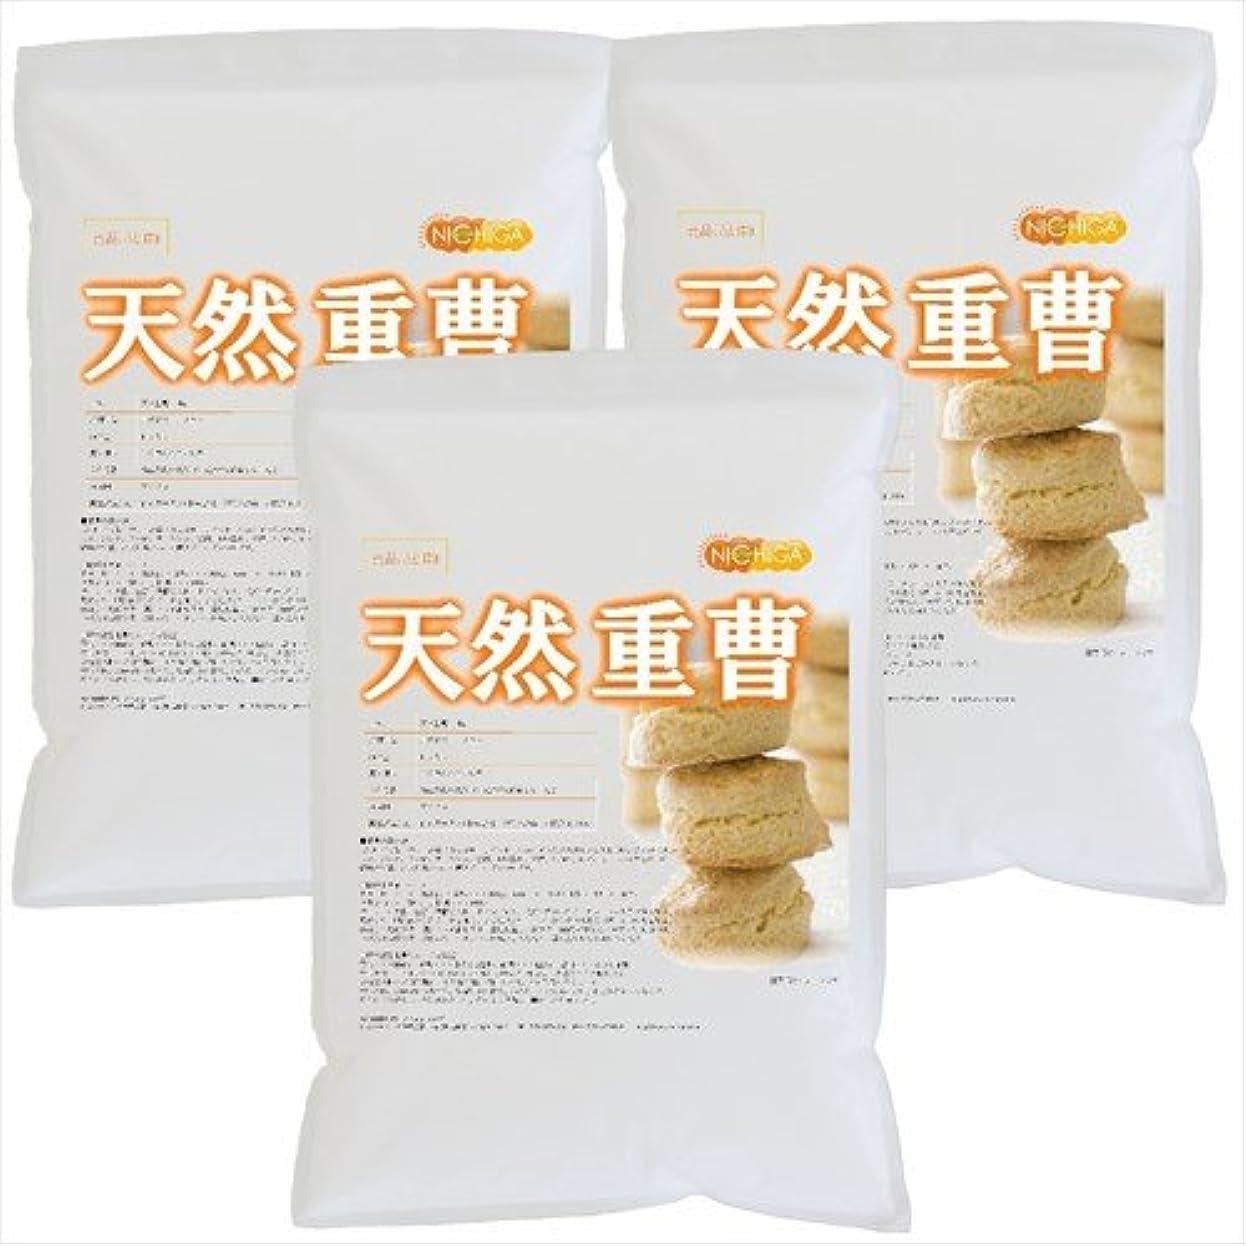 ゆりかご憂鬱有能な天然 重曹 5kg×3袋 [02] 炭酸水素ナトリウム 食品添加物(食品用)NICHIGA(ニチガ)